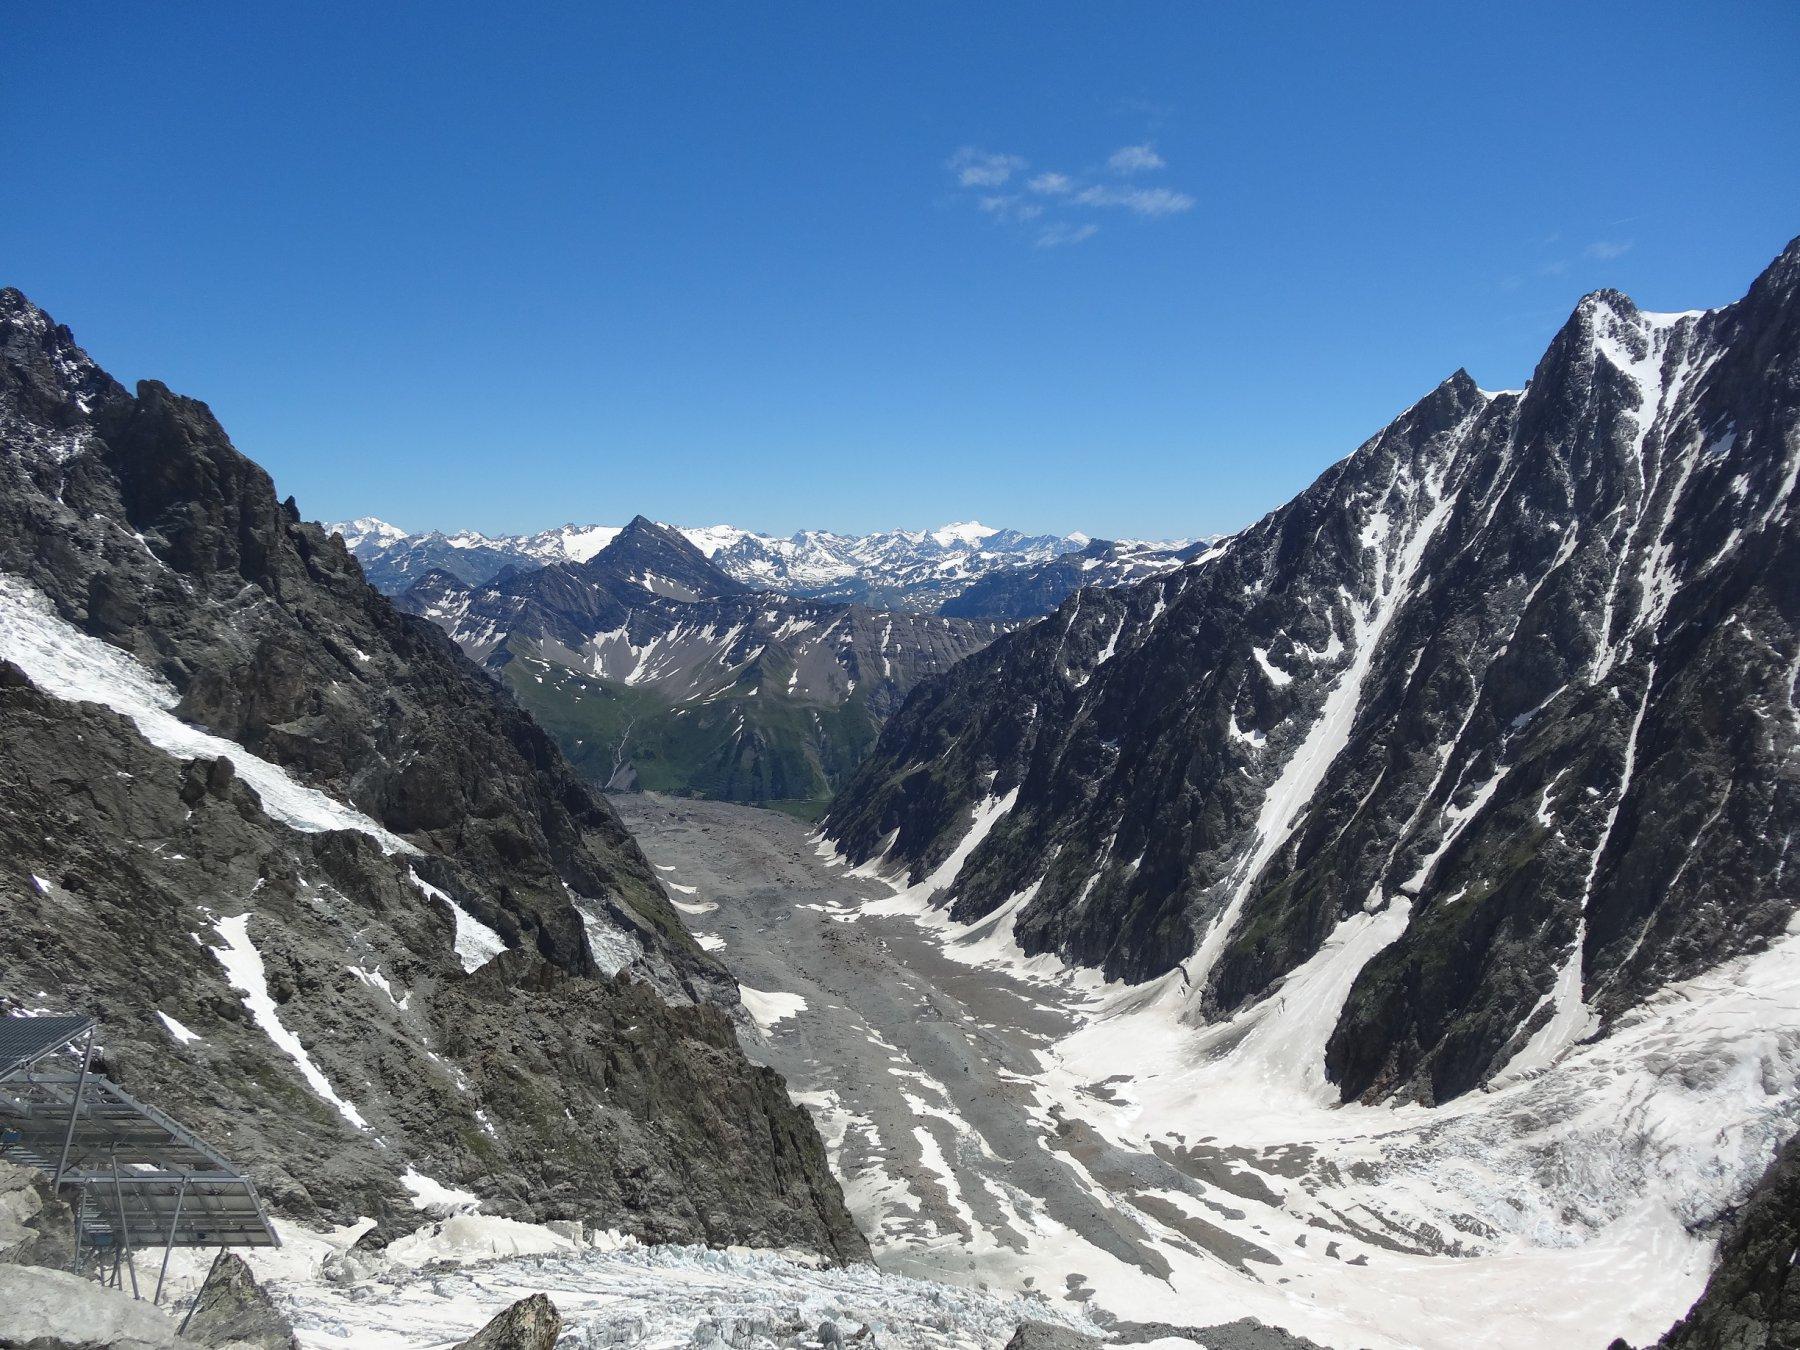 il ghiacciaio del miage dalla terrazza del rifugio